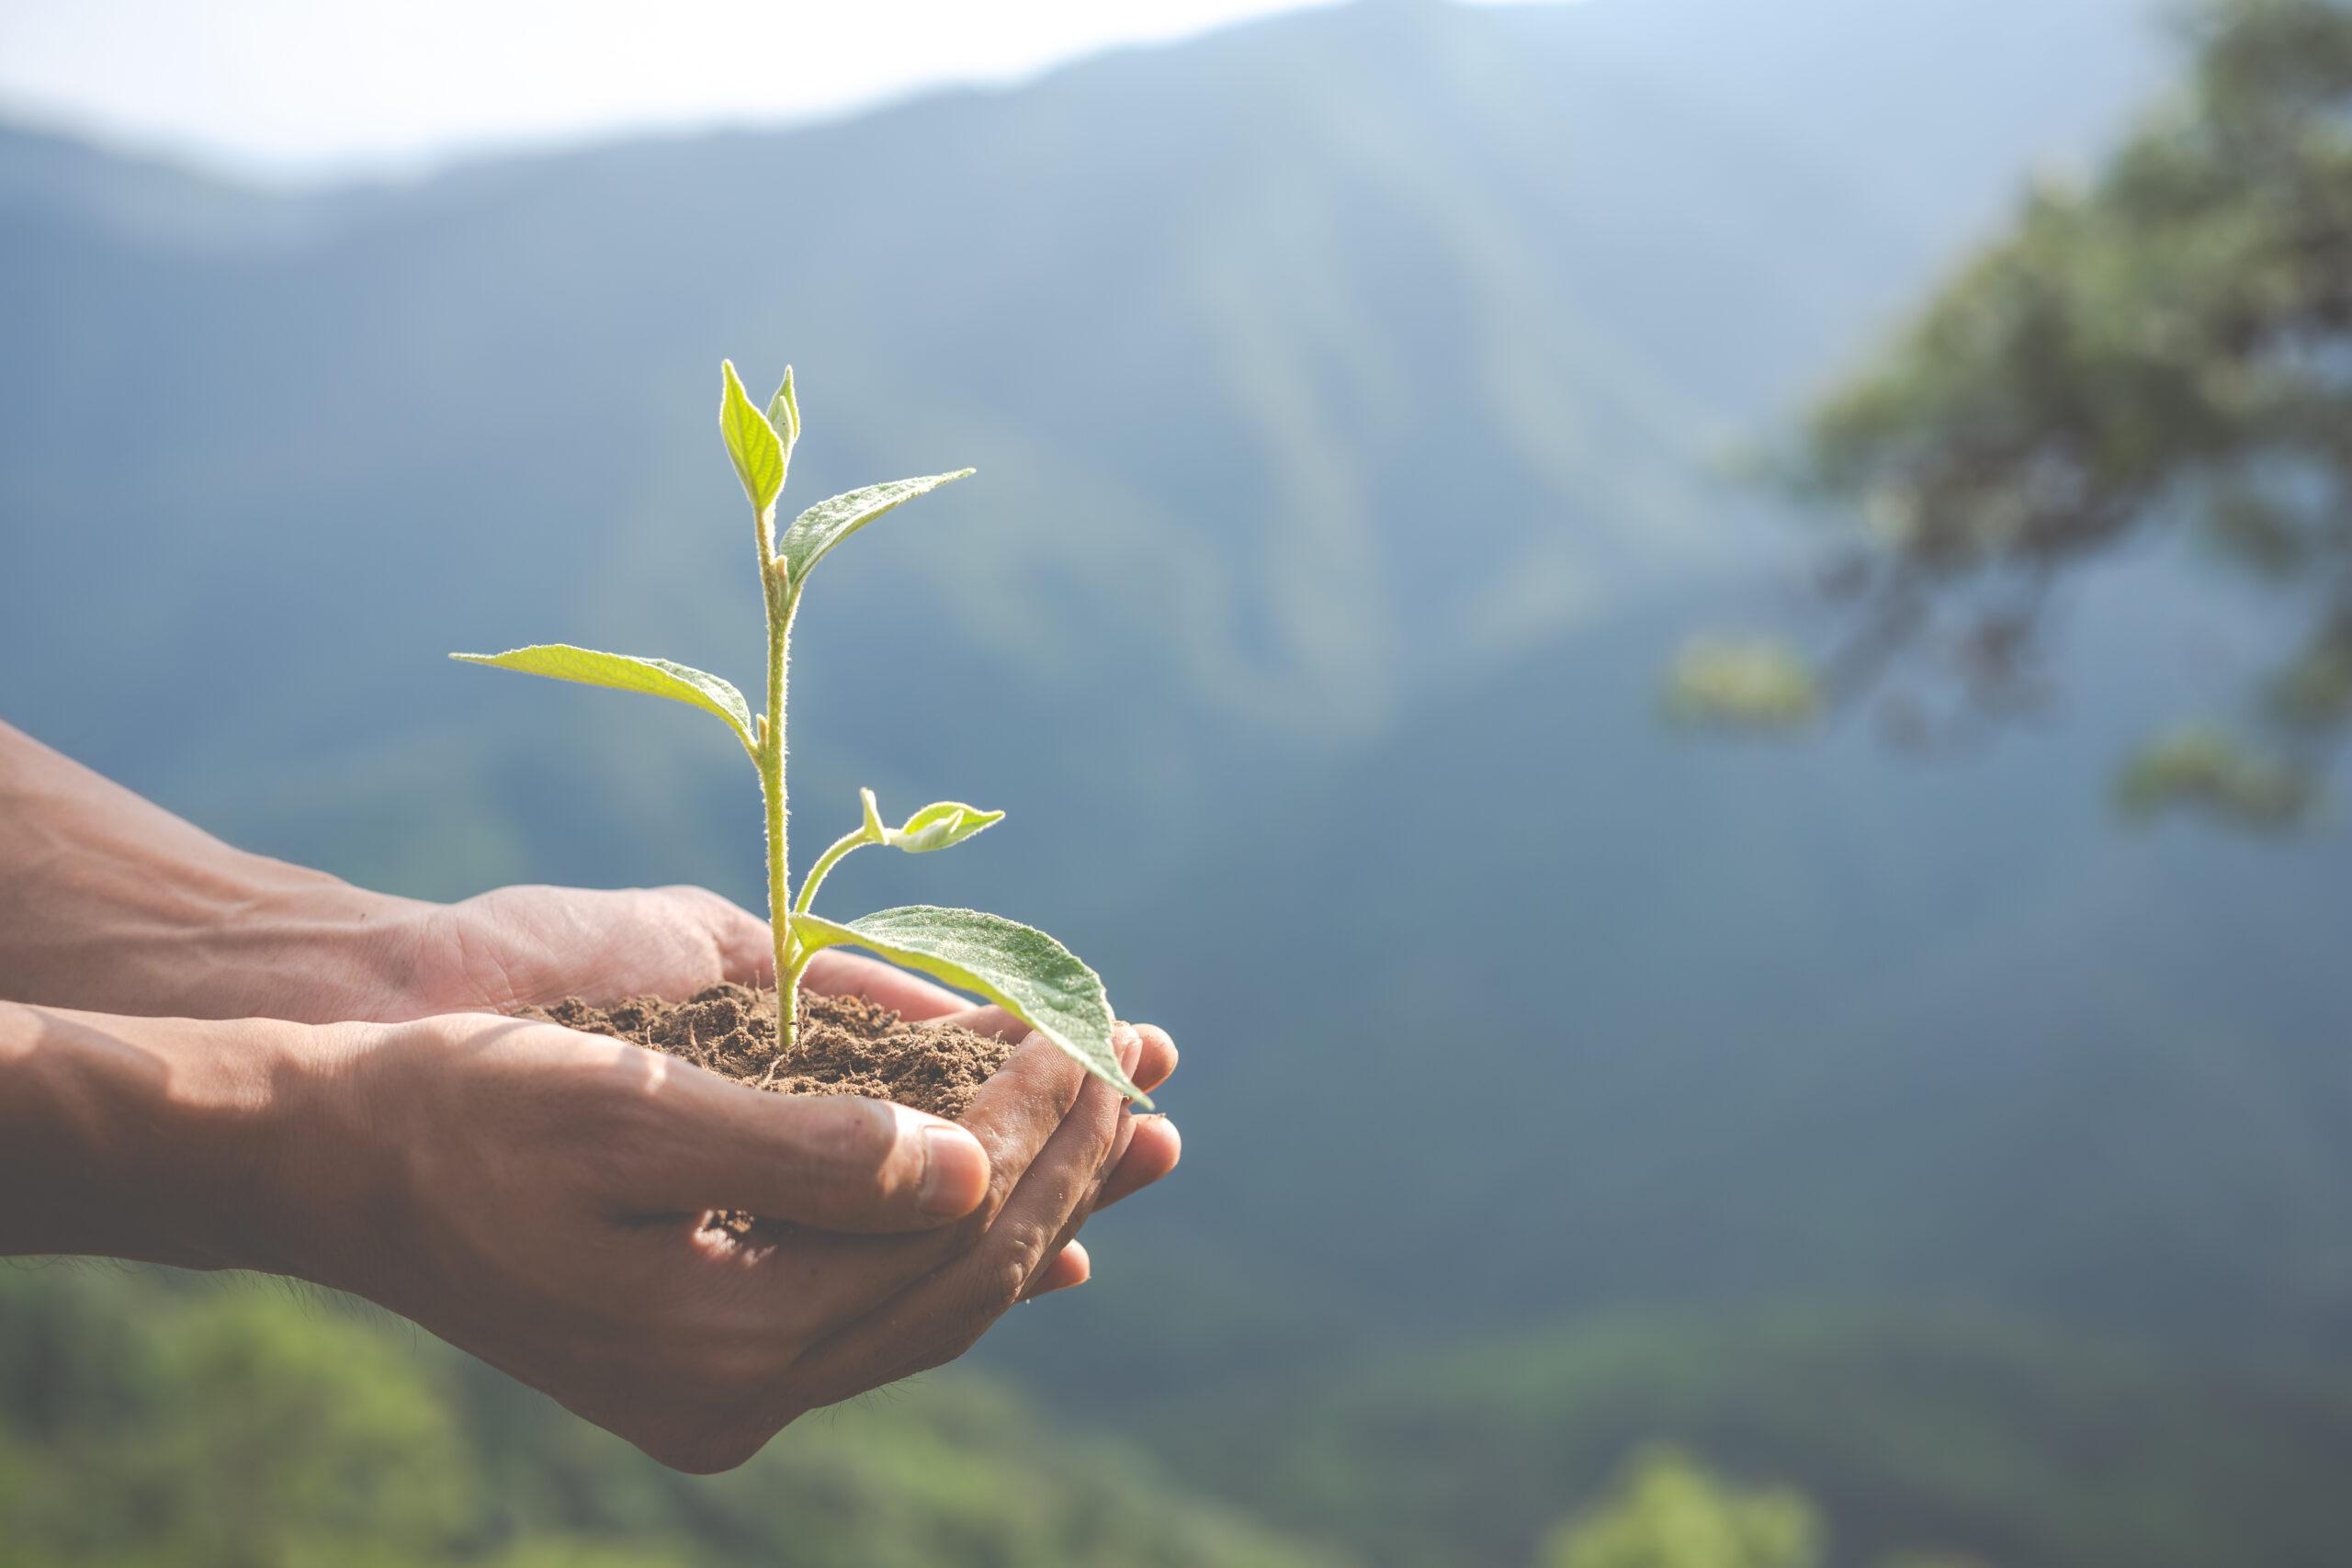 Mãos segurando uma planta